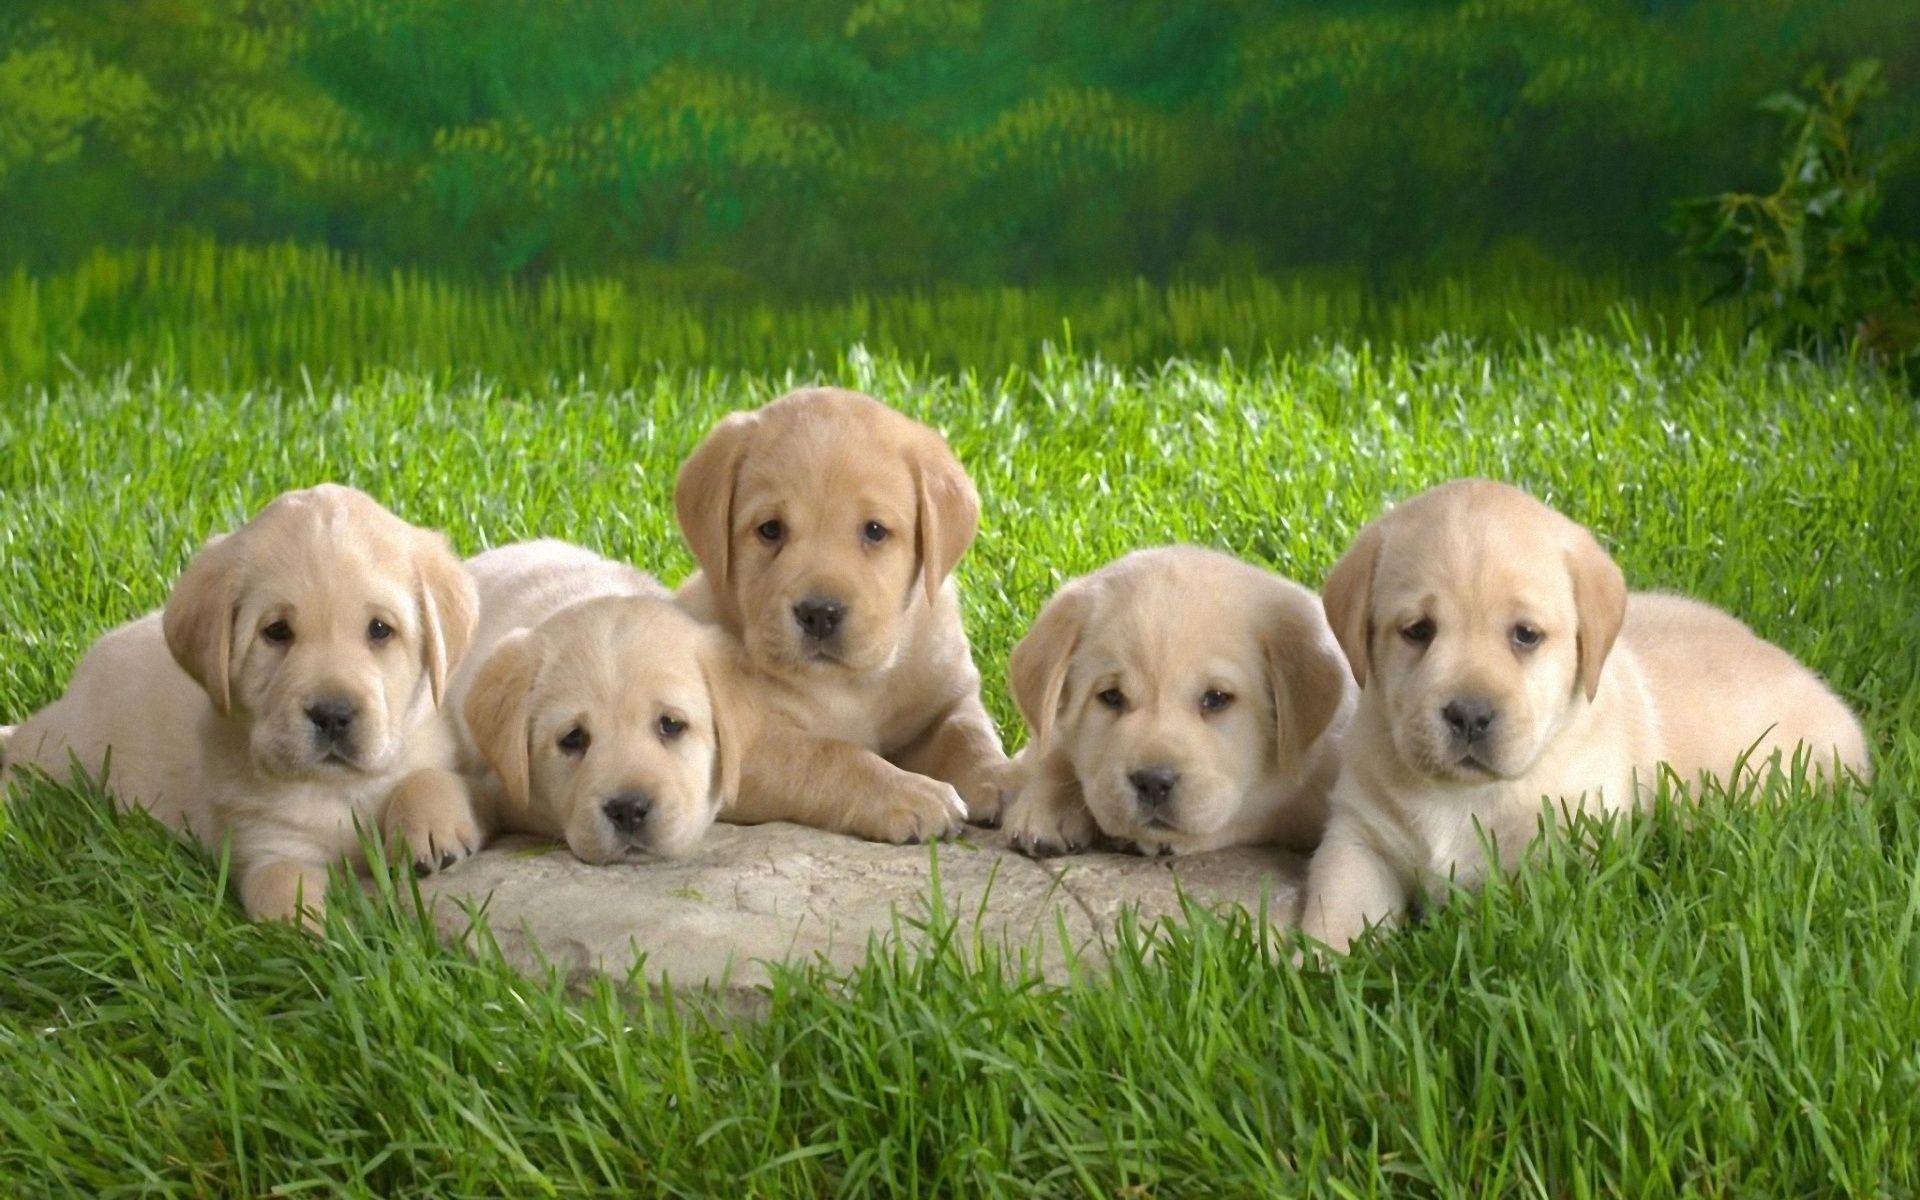 Labrador Puppy Wallpapers 47 Top Free Labrador Puppy Backgrounds For Laptop Puppy Backgrounds Cute Animals Puppies Puppies